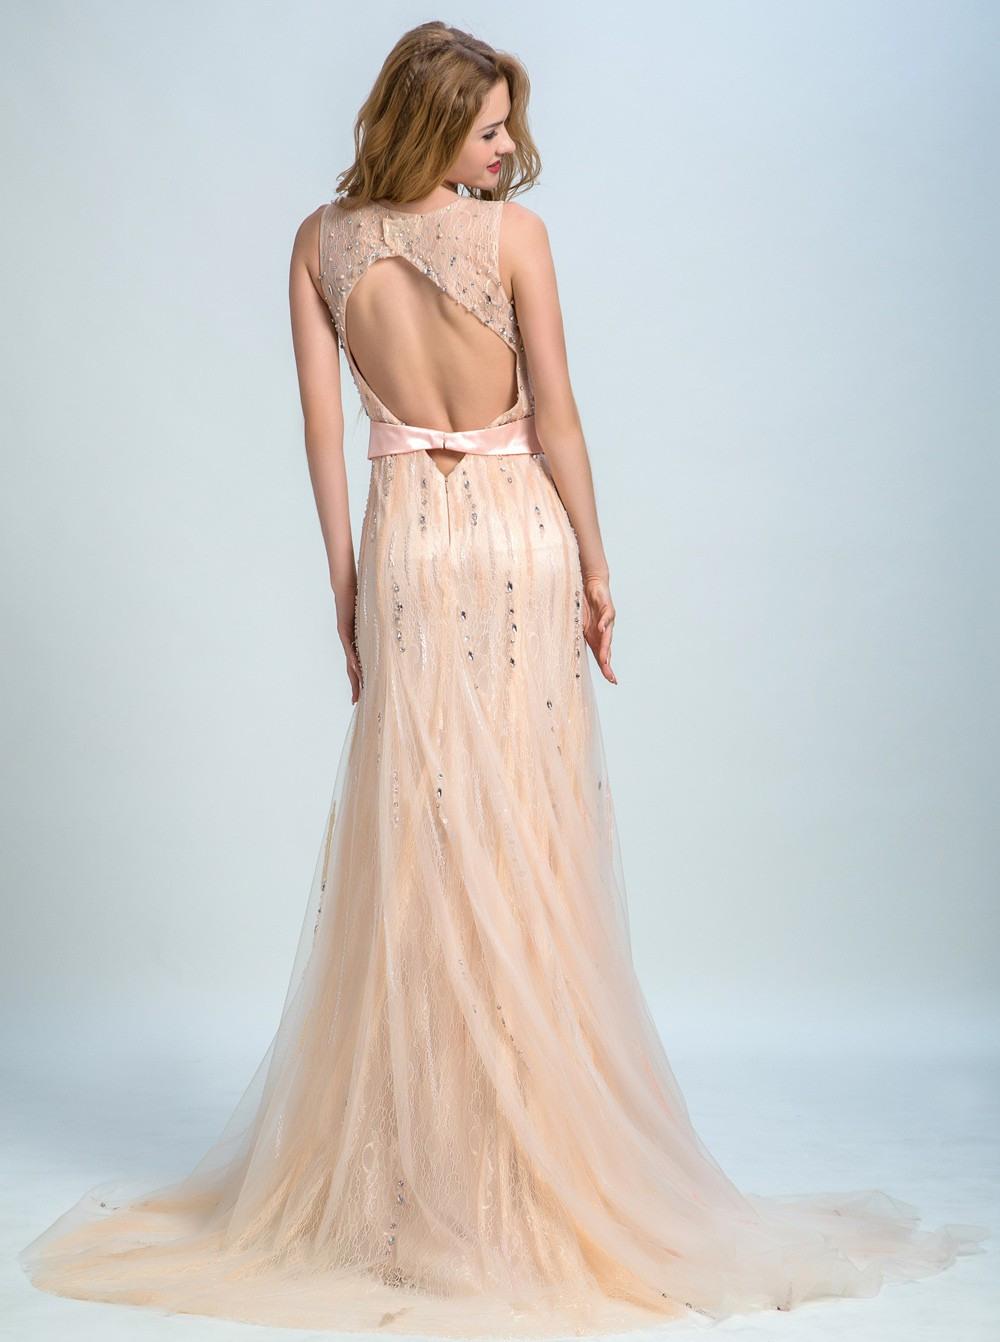 9 Top Abendkleid Champagner Lang Galerie - Abendkleid